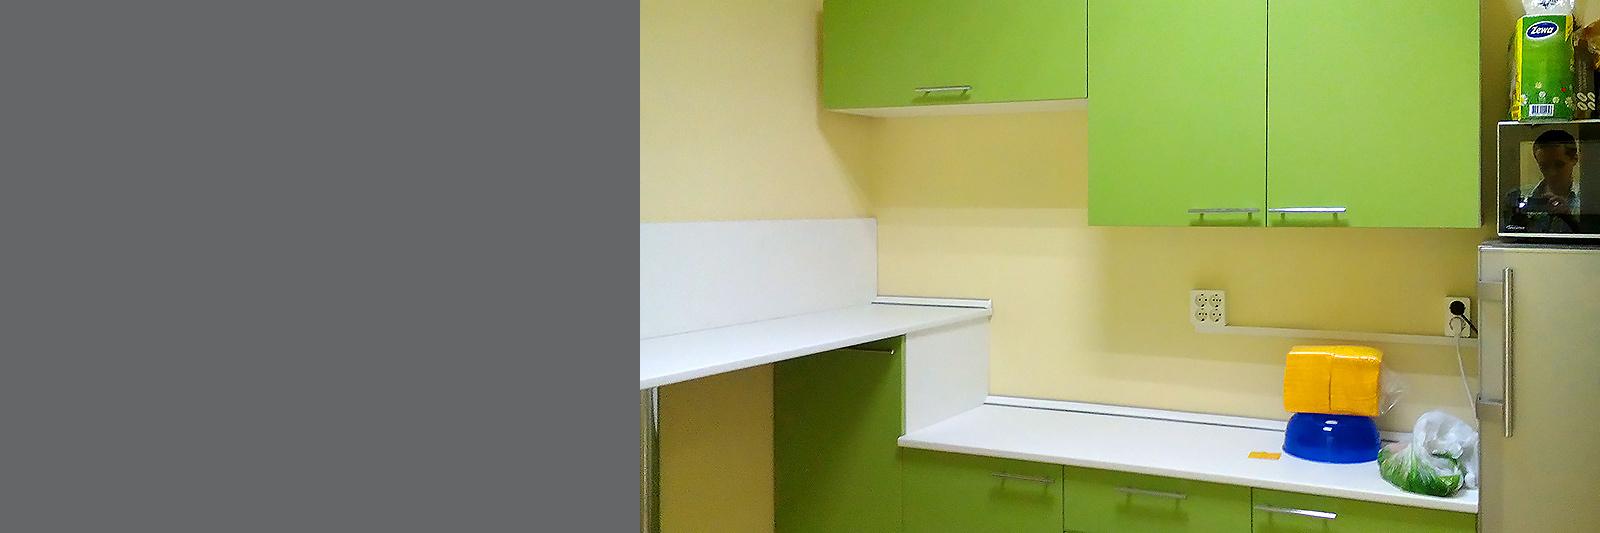 Офисная мини кухня по индивидуальному заказу